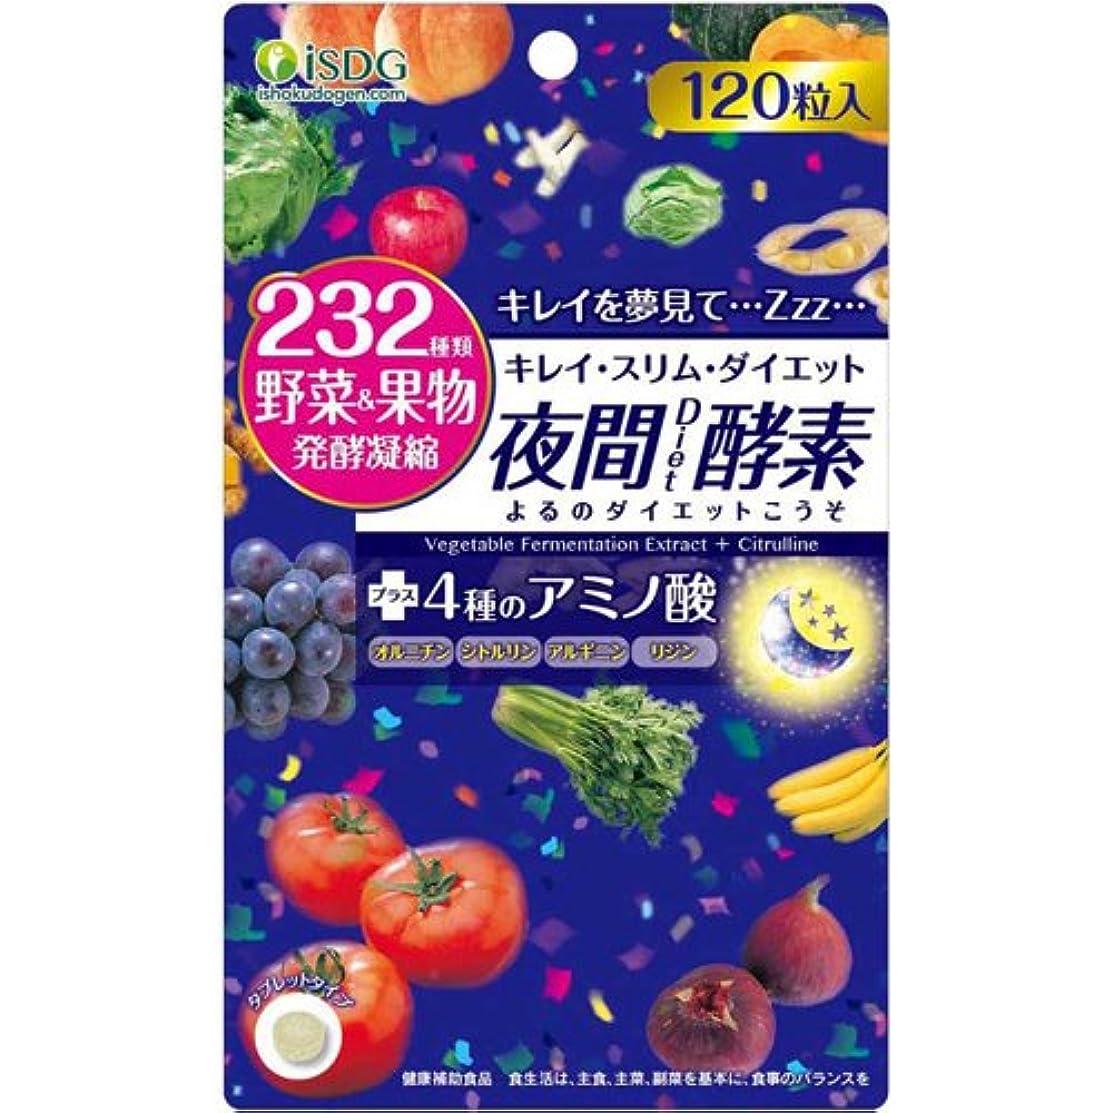 復活するフェードアウト計画的ISDG 医食同源ドットコム 夜間 Diet 酵素 サプリメント [ 232種類 野菜 果物 発酵凝縮 アミノ酸 4種 ] 310mg×120粒×20個